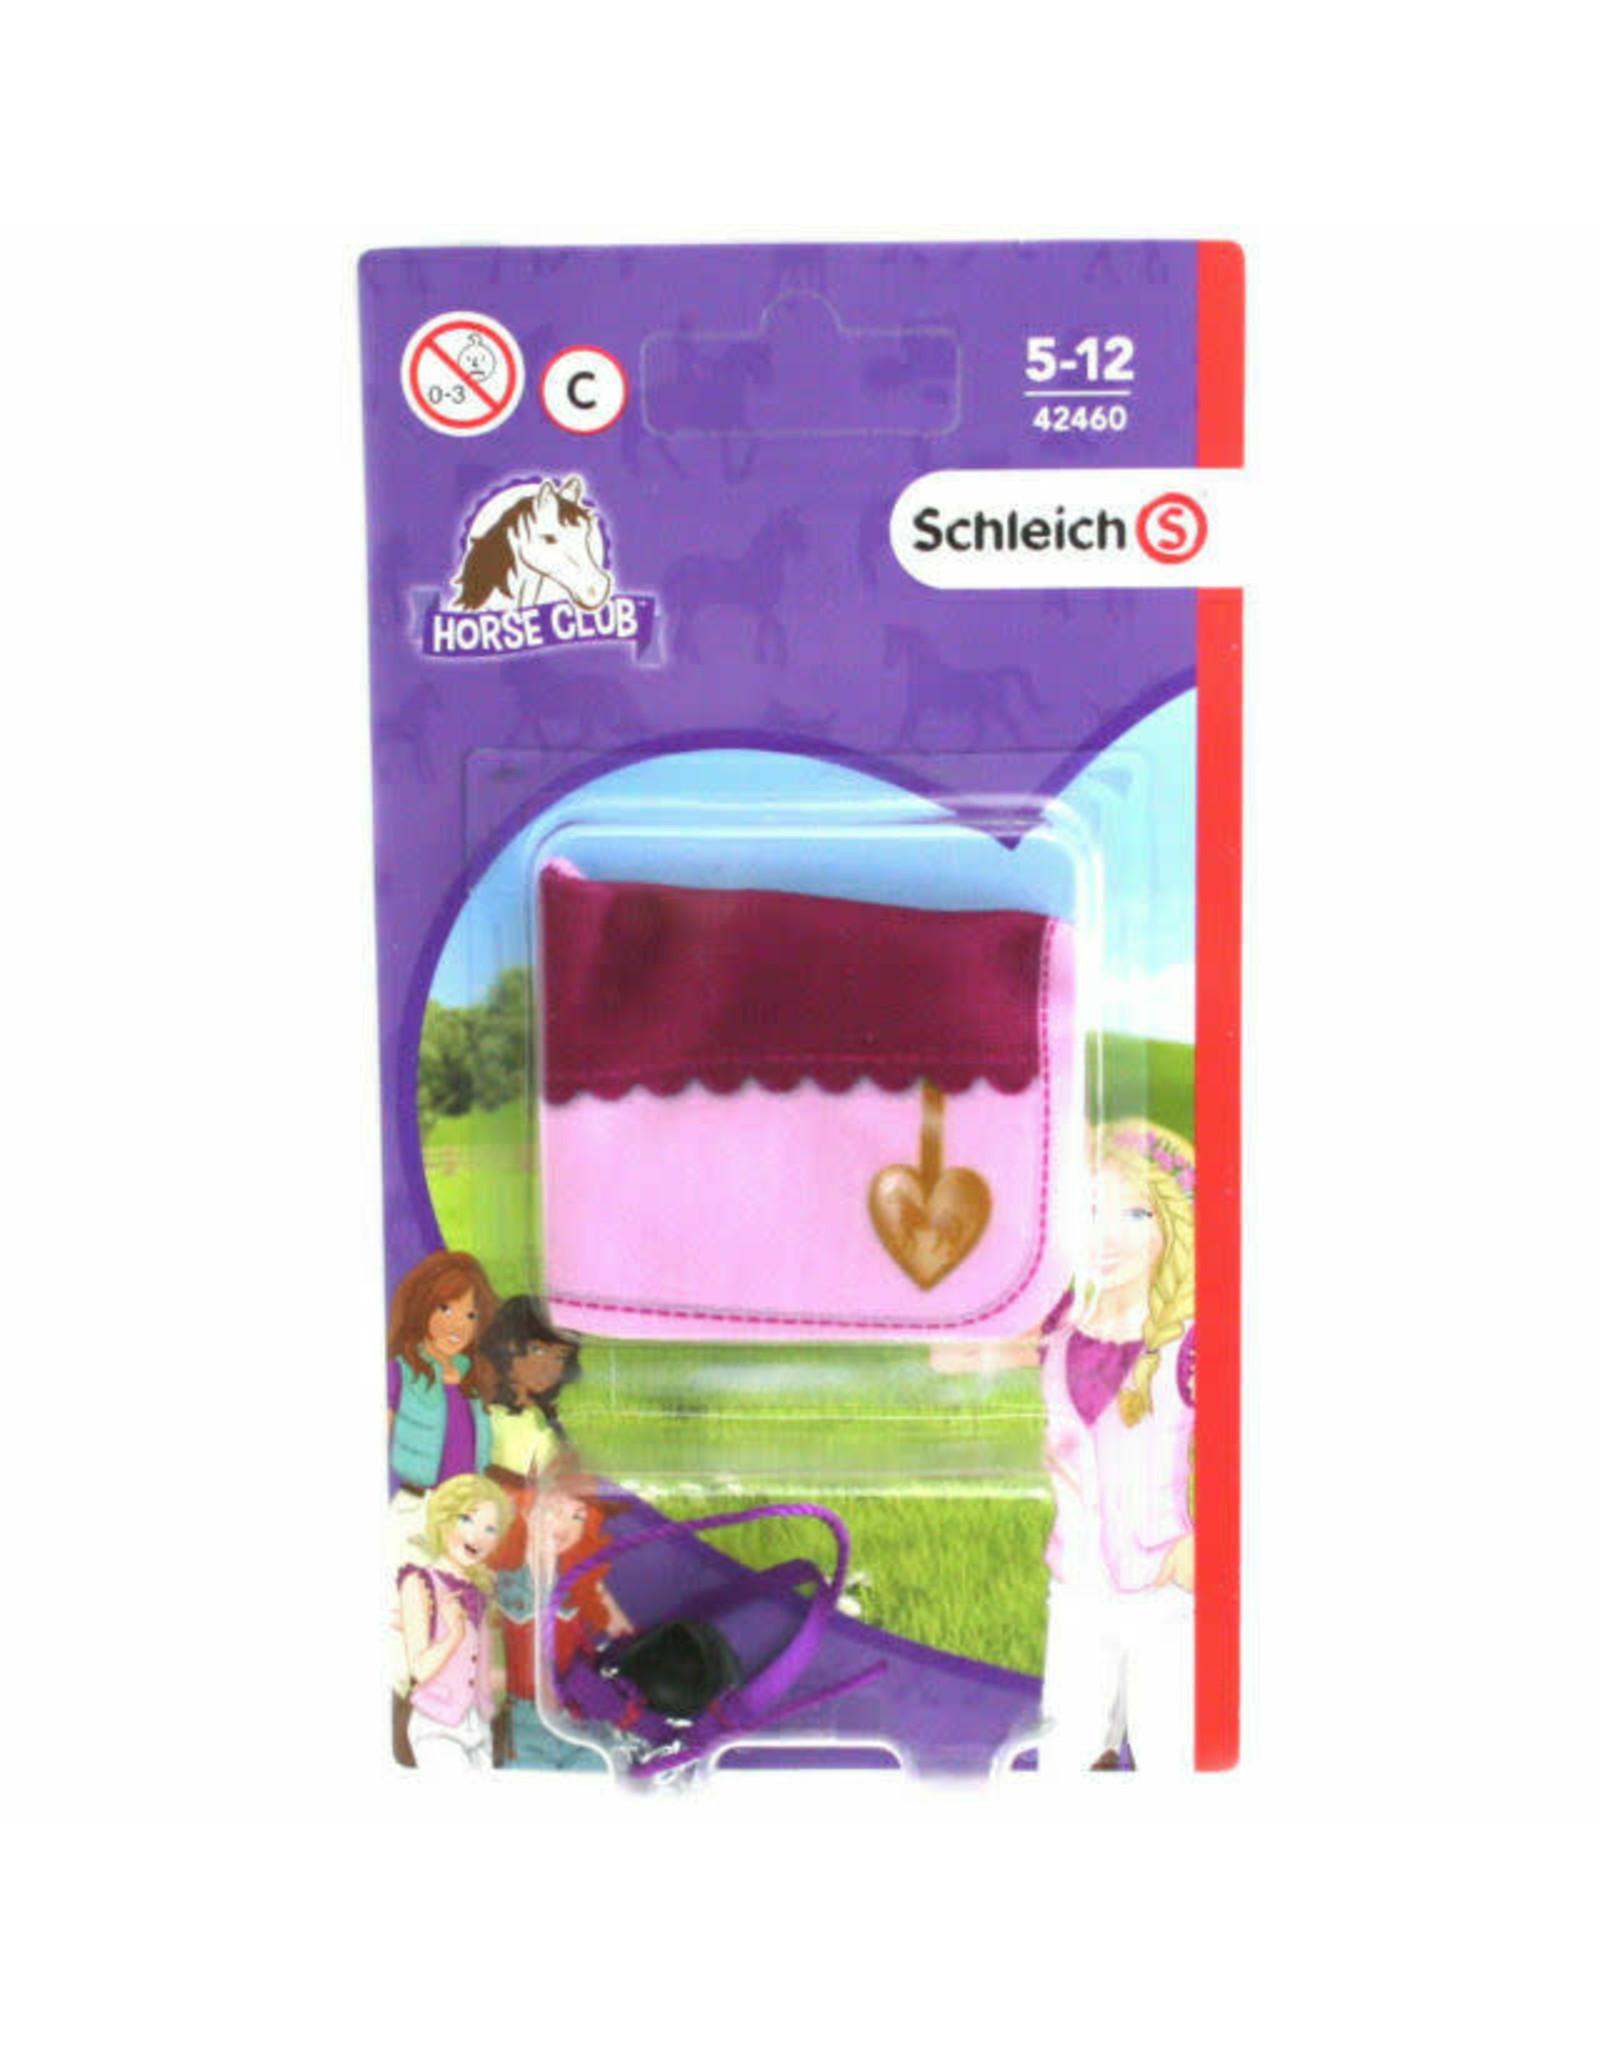 Schleich Blanket & Halter - Sofia & Blossom